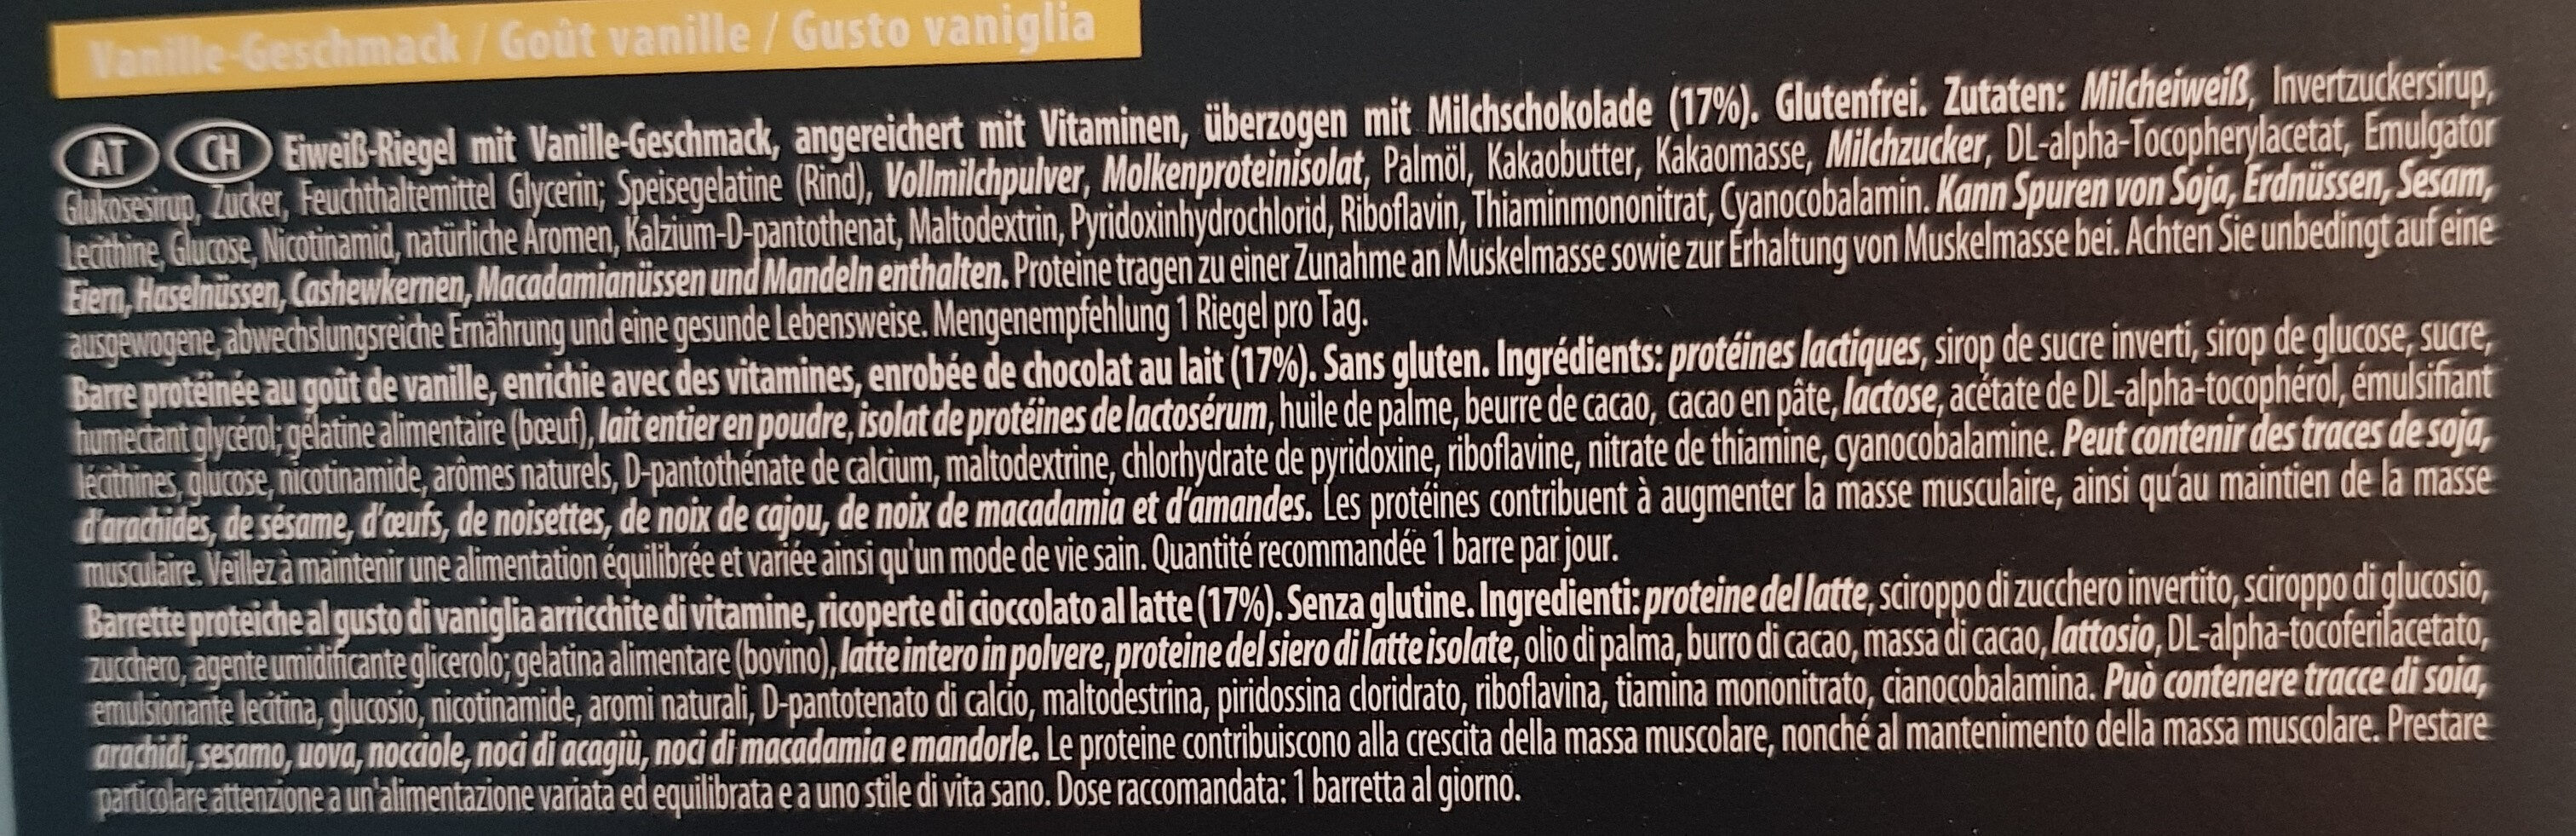 Protein riegel - Ingredients